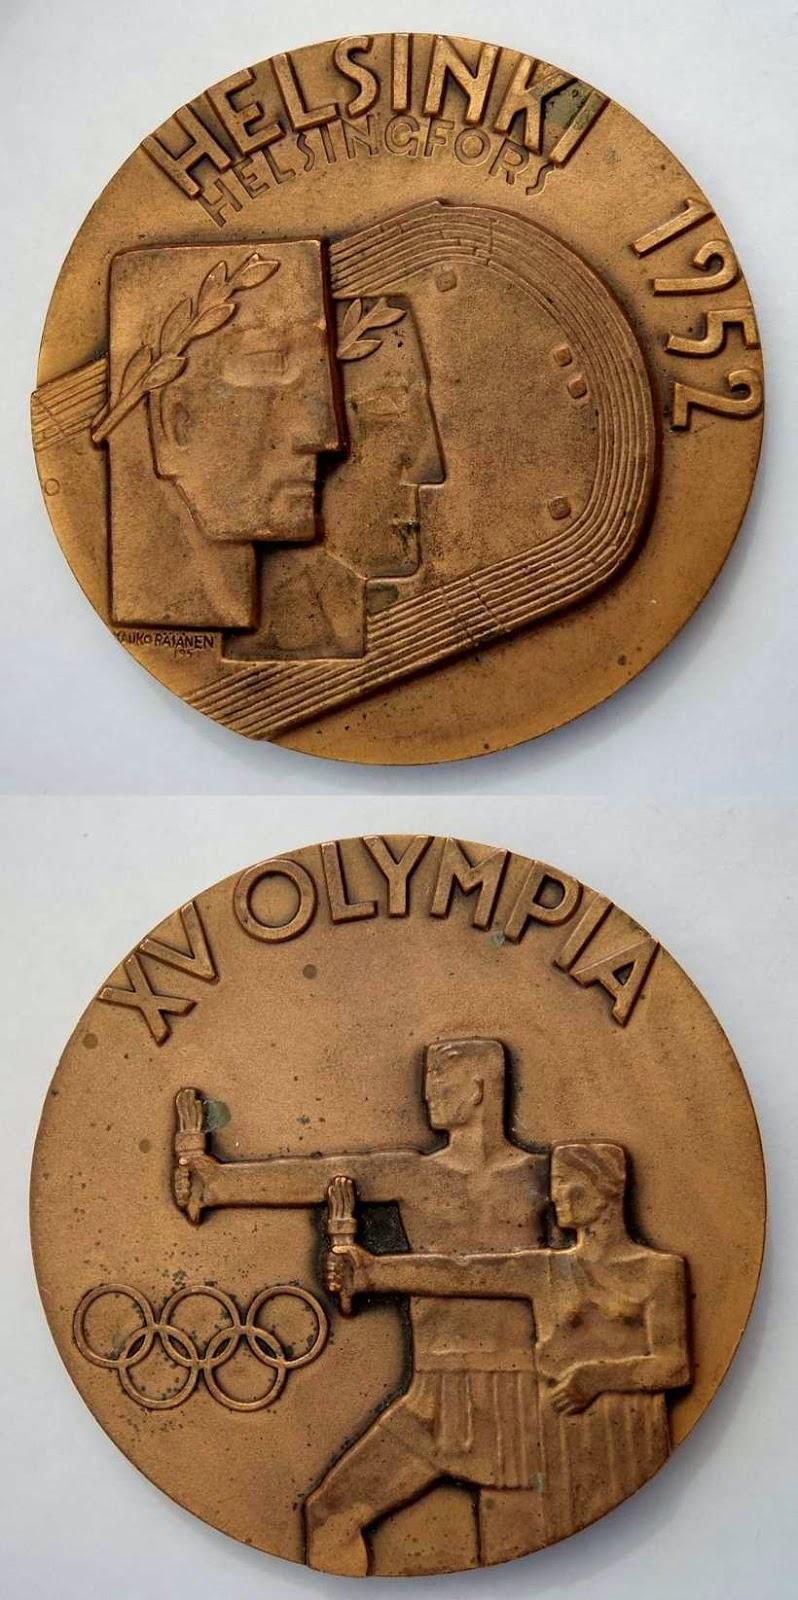 Medalla Juegos Olímpicos de Helsinki 1952